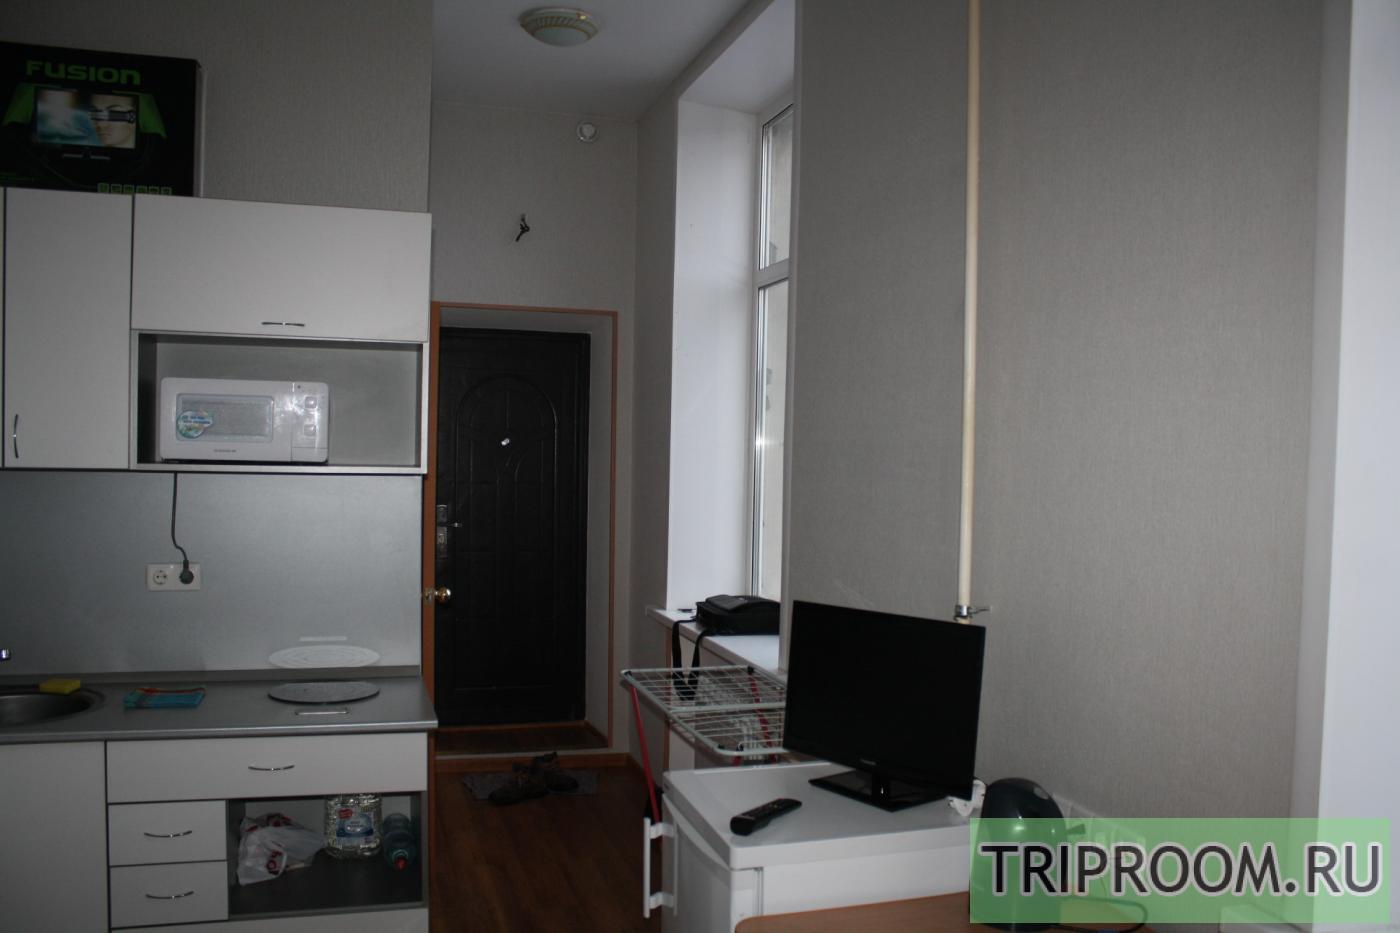 1-комнатная квартира посуточно (вариант № 15680), ул. Нижняя Первомайская улица, фото № 1